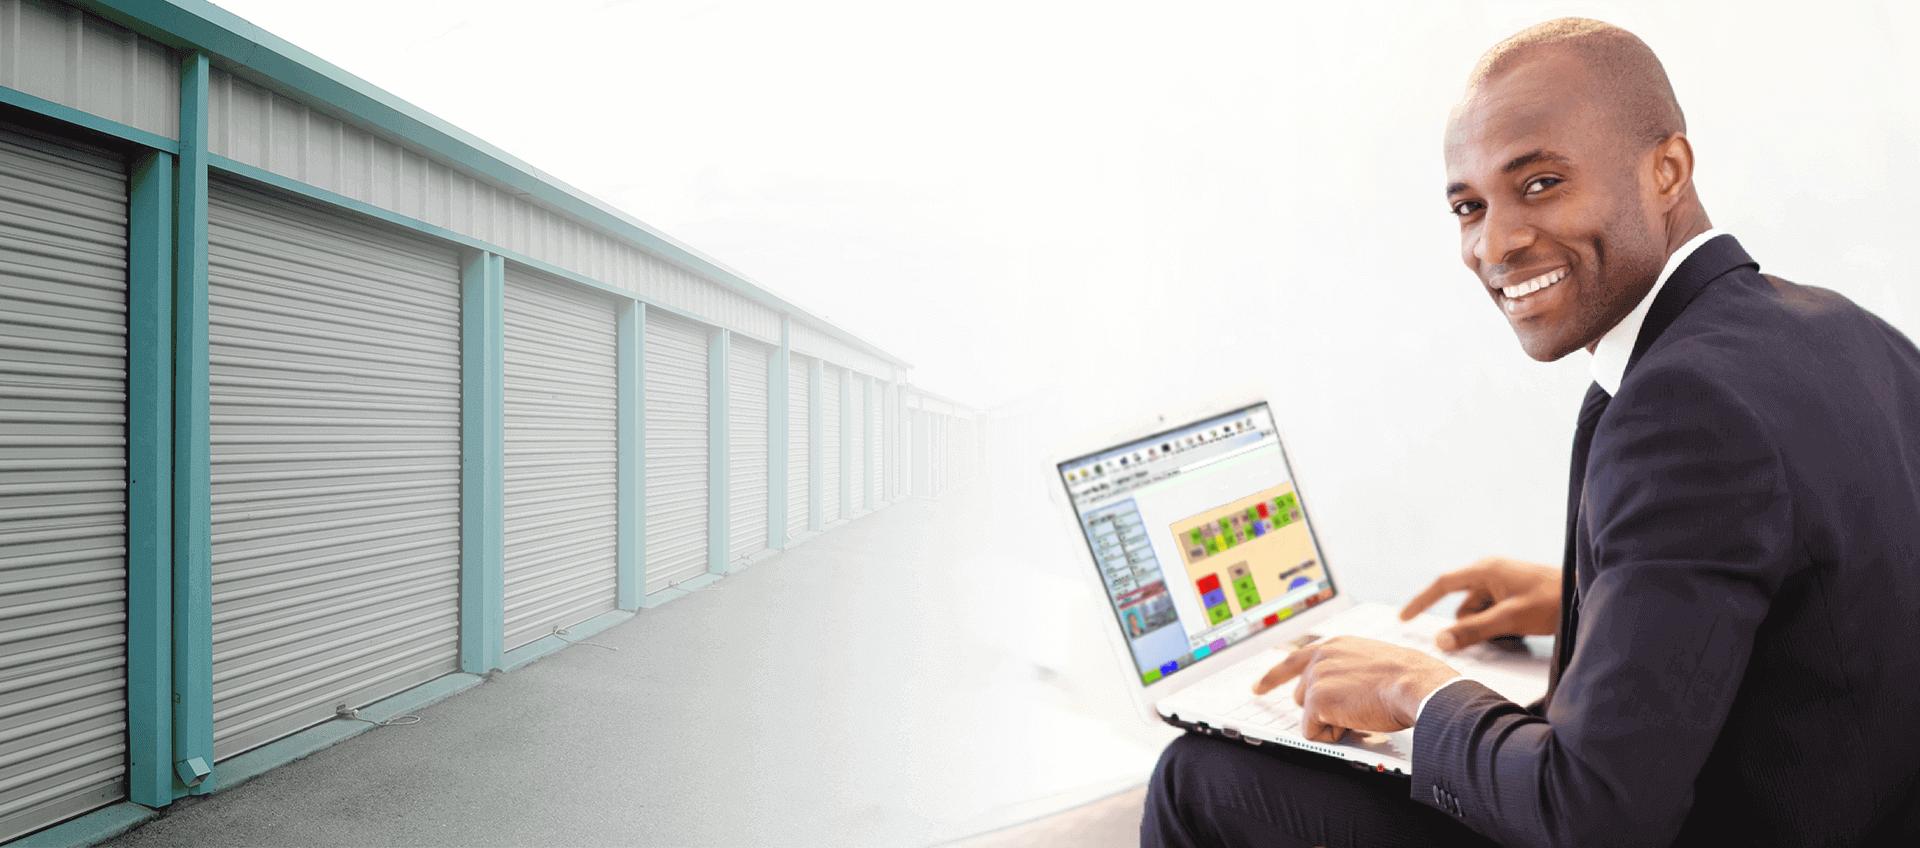 background for self storage software slider